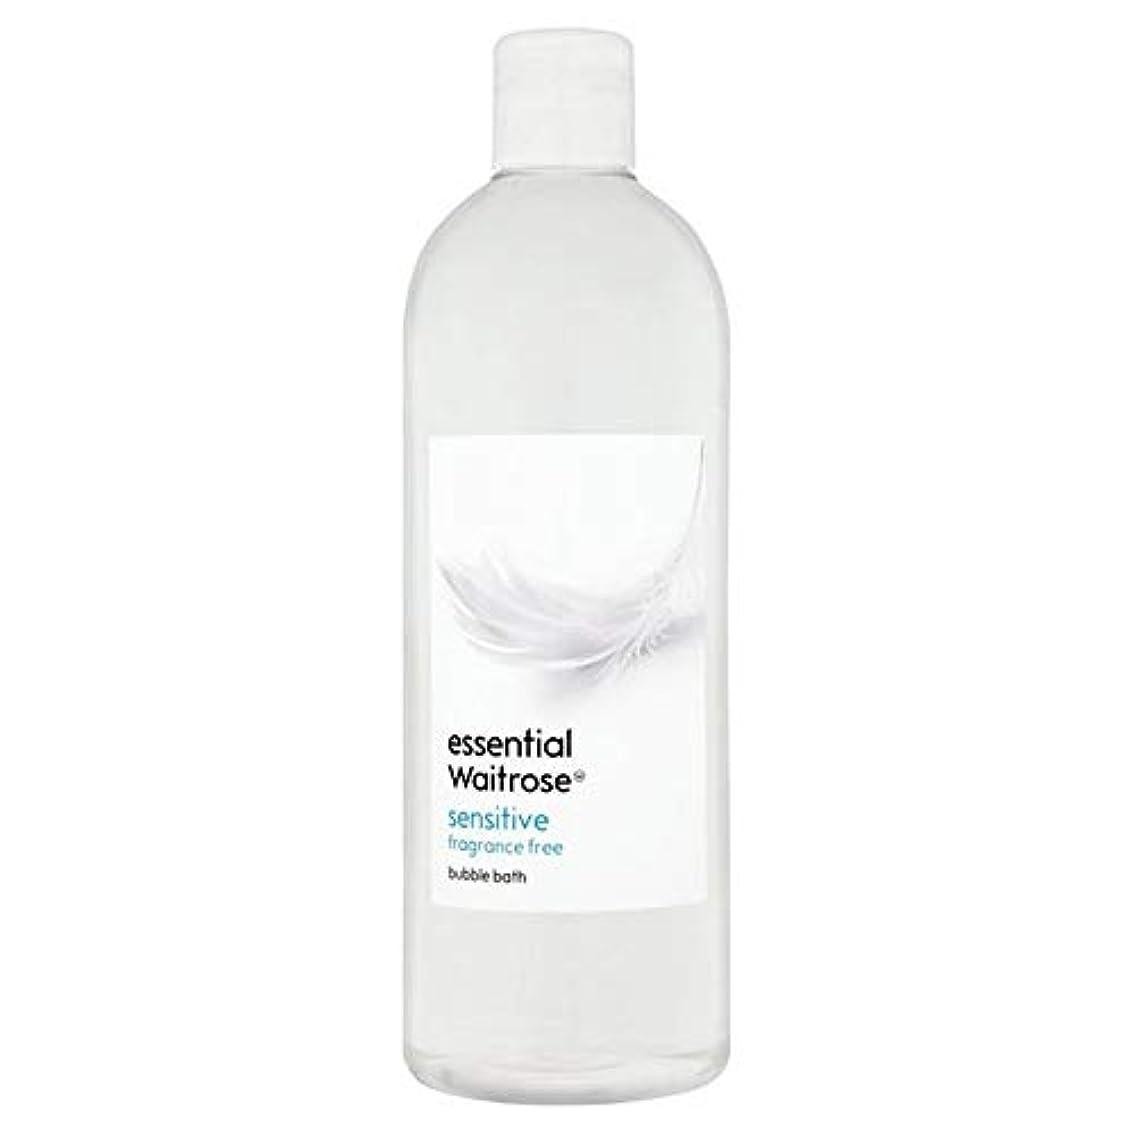 沼地のぞき見のホスト[Waitrose ] 基本的なウェイトローズ泡風呂に敏感な750ミリリットル - Essential Waitrose Bubble Bath Sensitive 750ml [並行輸入品]